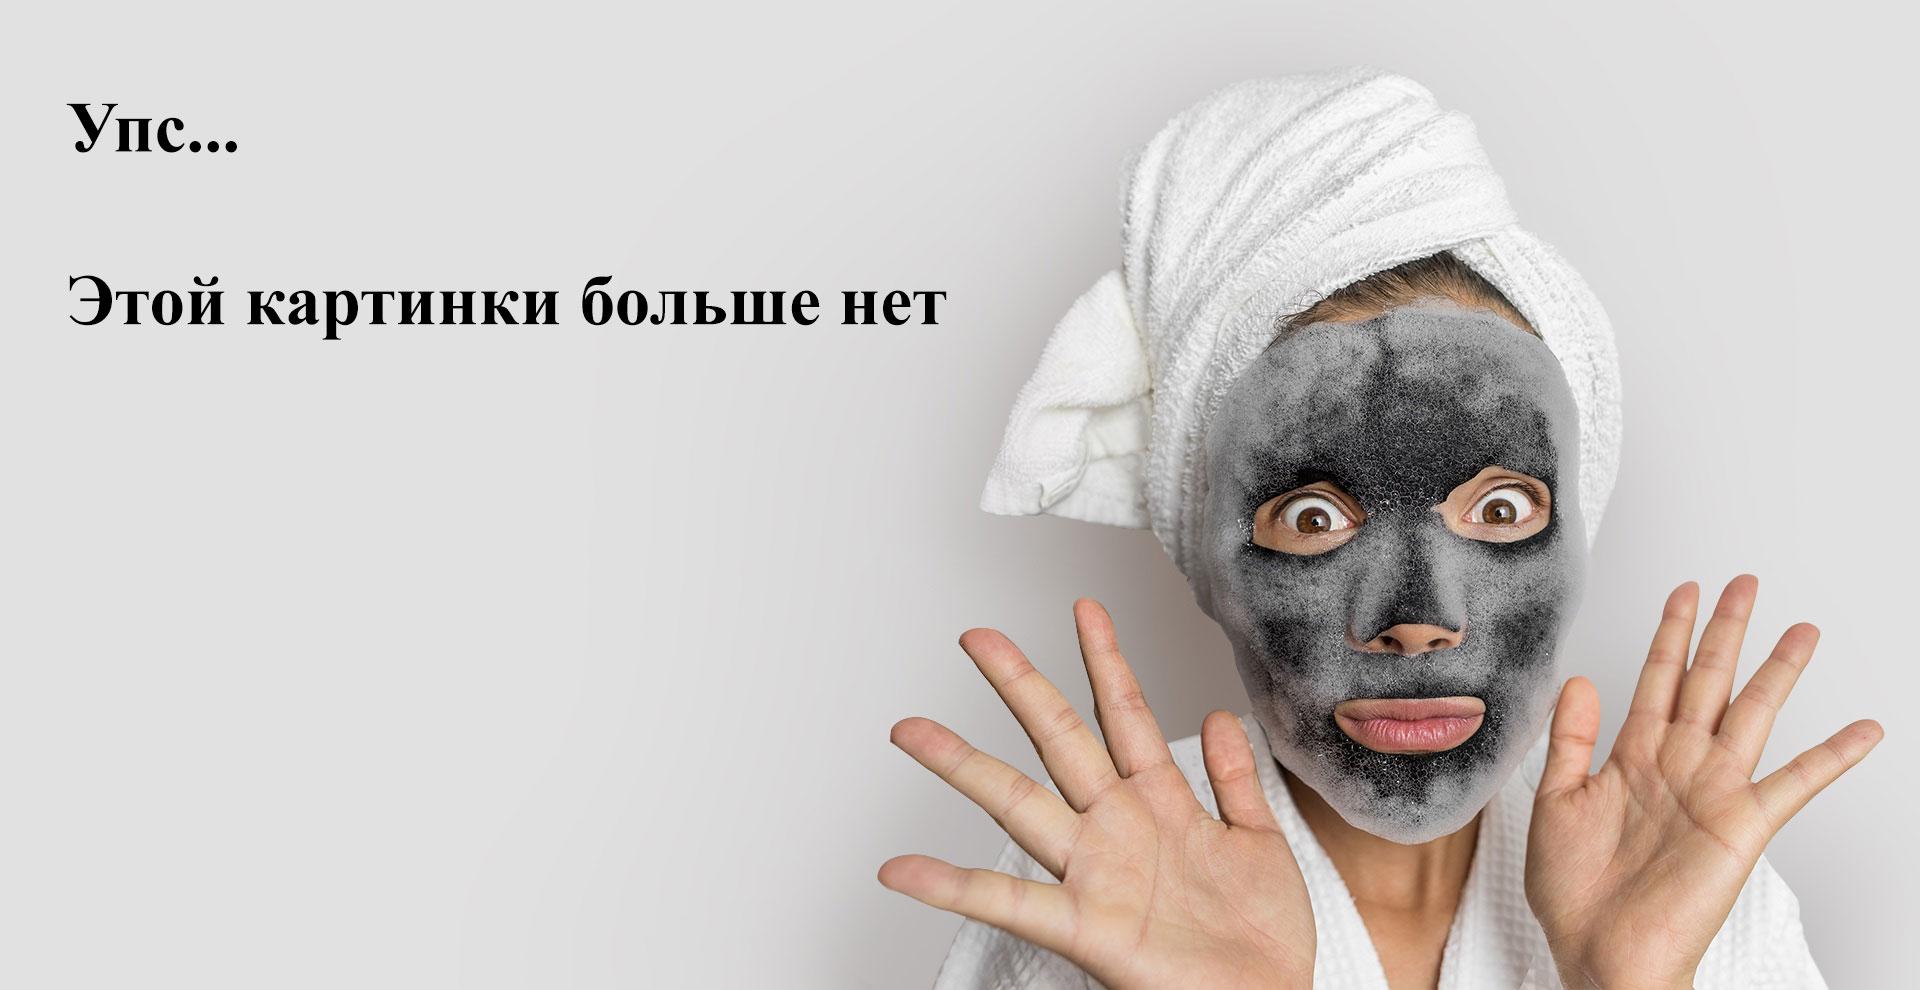 QVS, Компактное зеркало для макияжа